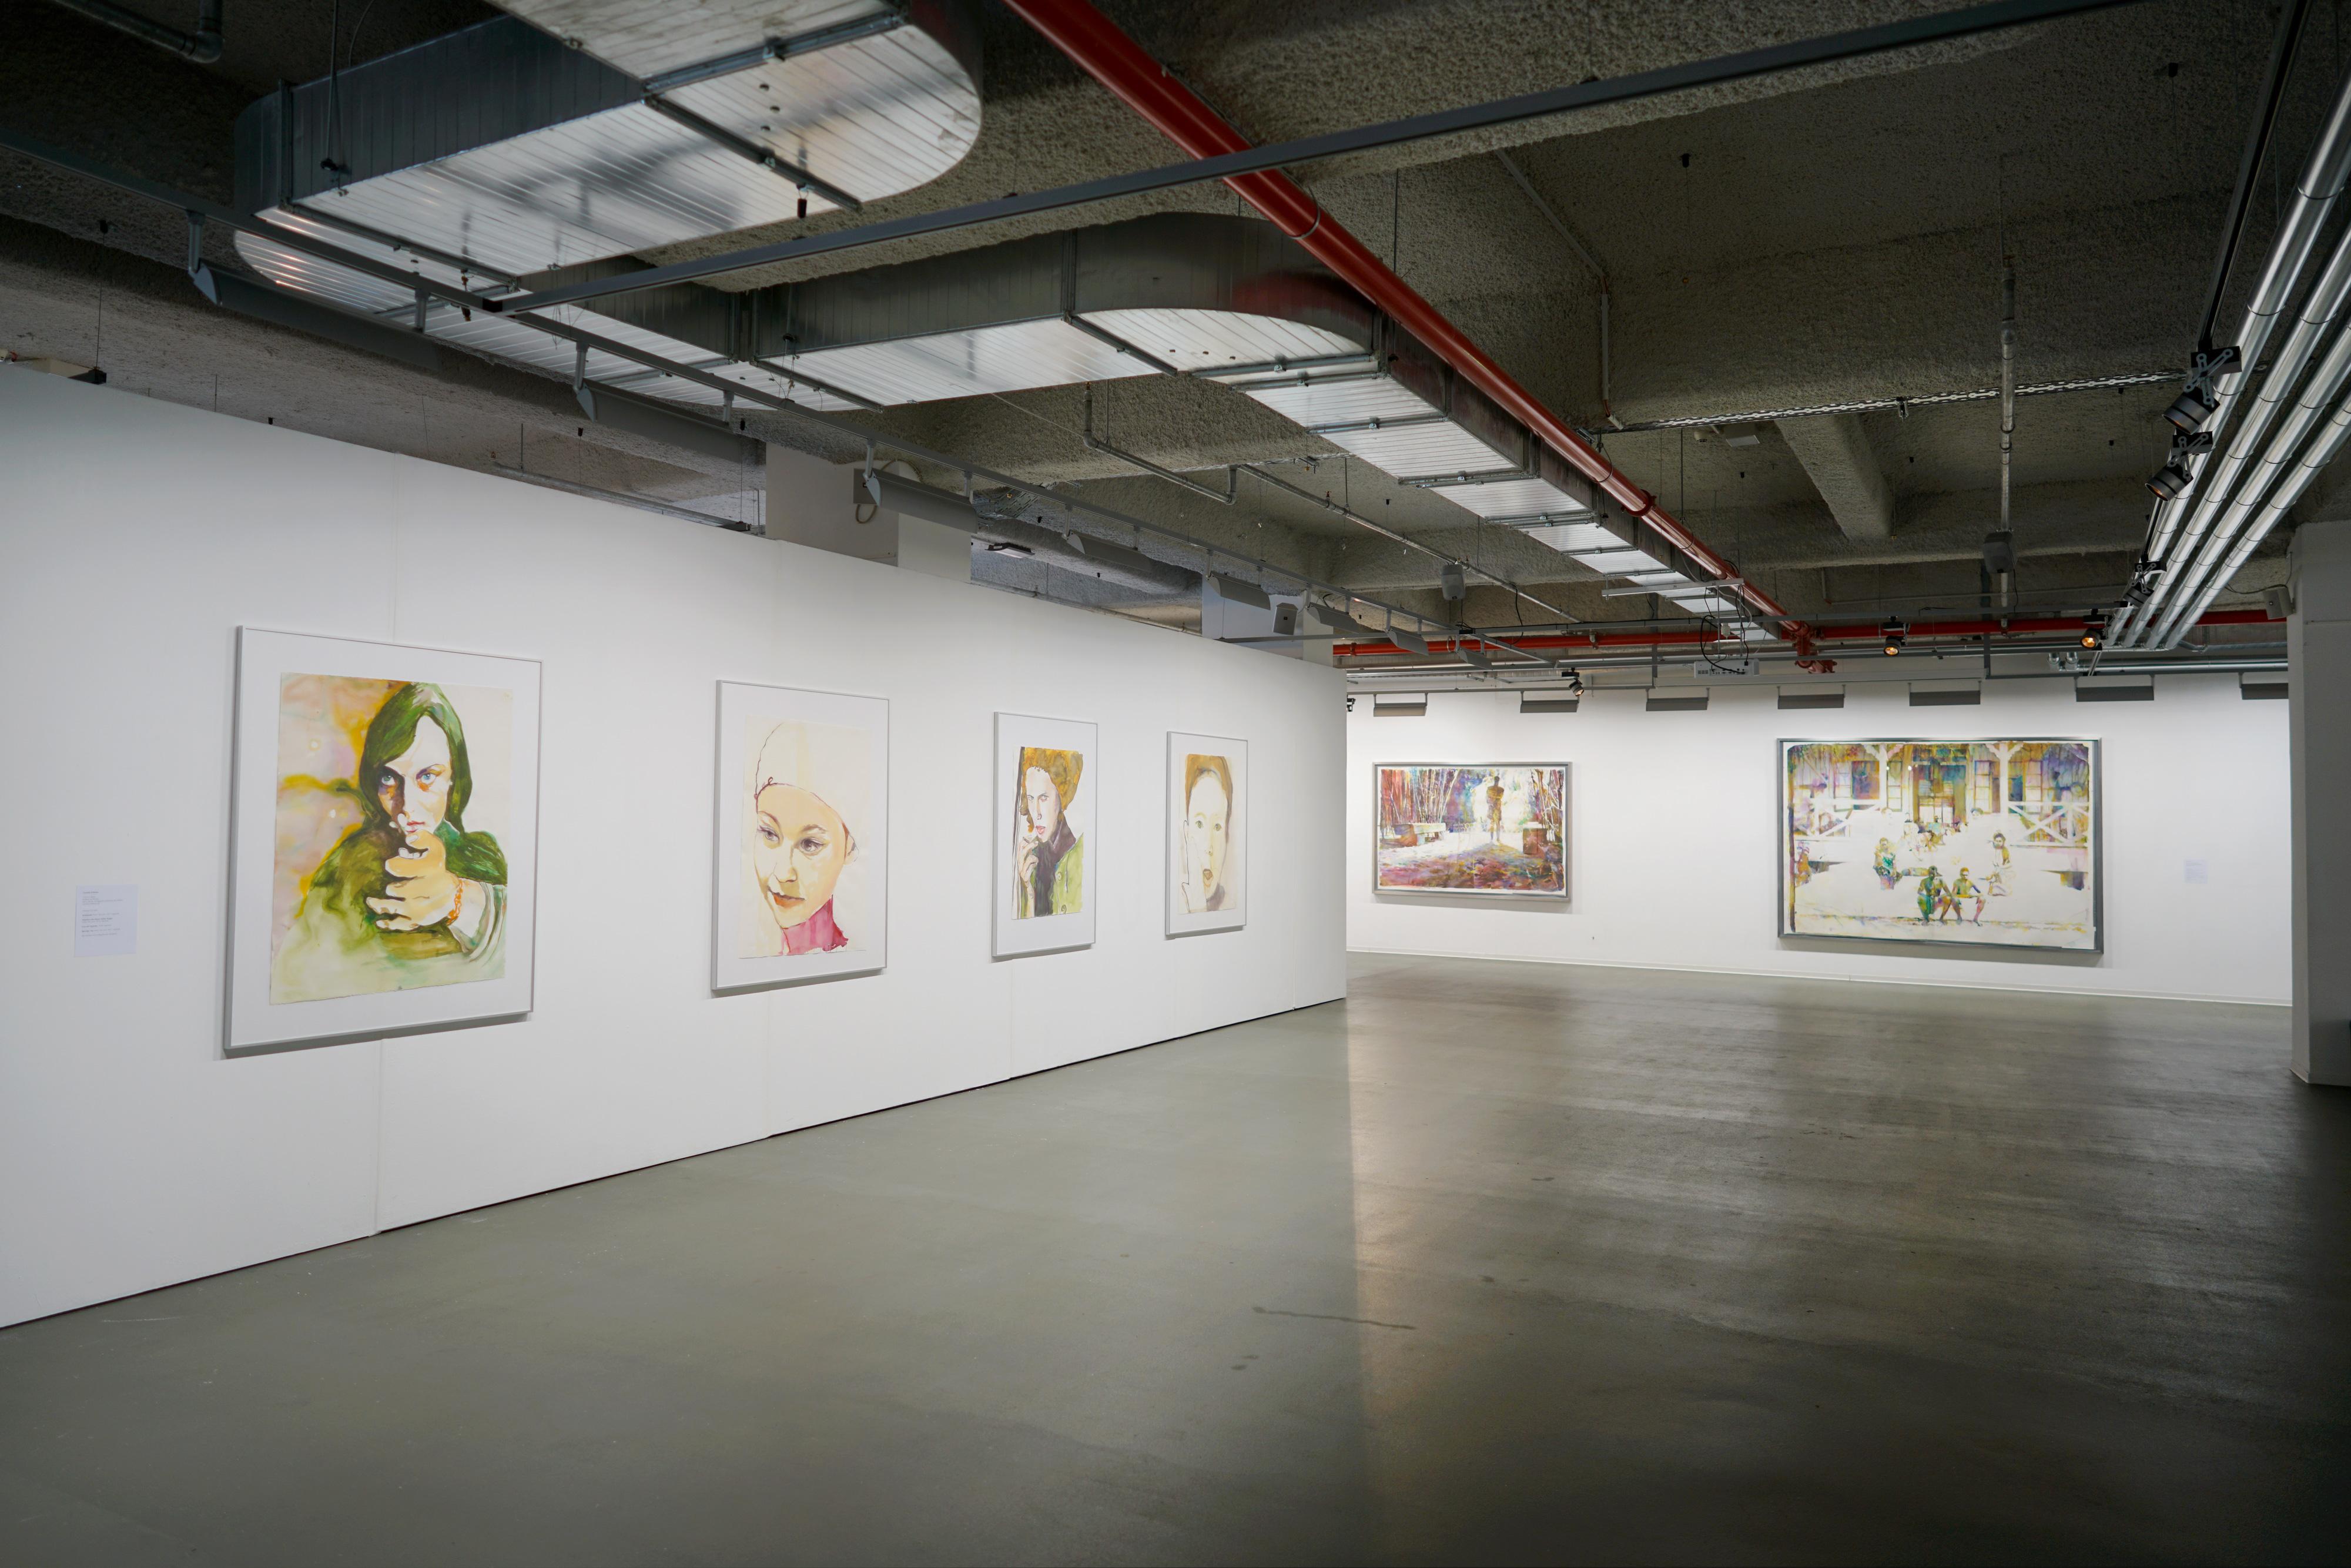 Galerie Barbara Thumm \ Martin Dammann – aquarell – Eine künstlerische Technik großer Traditionen und des Niedergangs im Kitsch der Dilettanten kehrt zurück